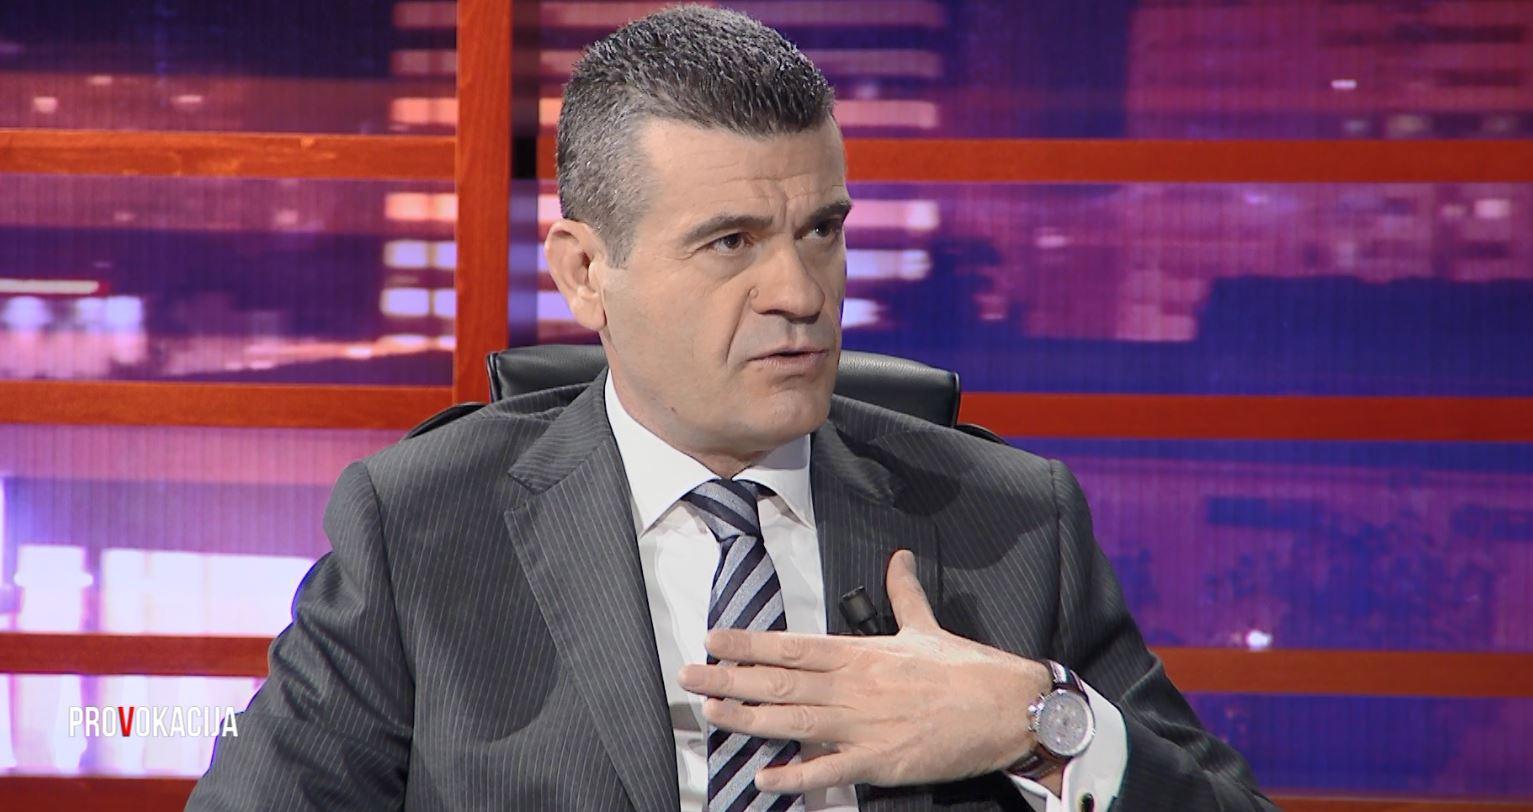 Patozi: Shqiptarët kanë nevojë për lëvizje të re politike